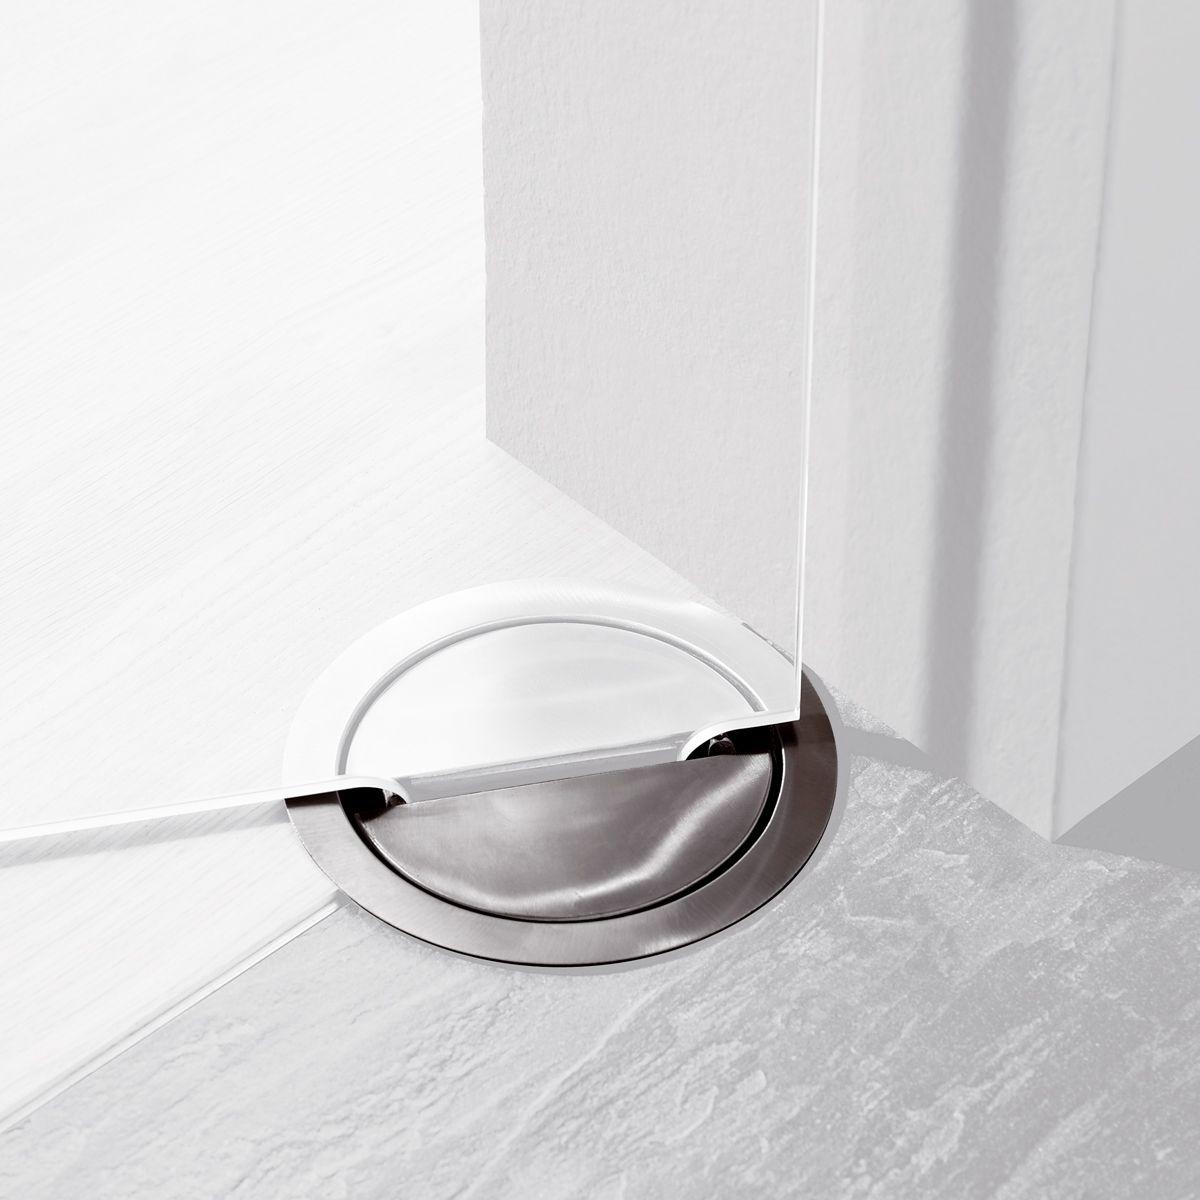 Dorma Frameless Glass Door Locks Door Glass Design Frameless Glass Doors Door Handle Design